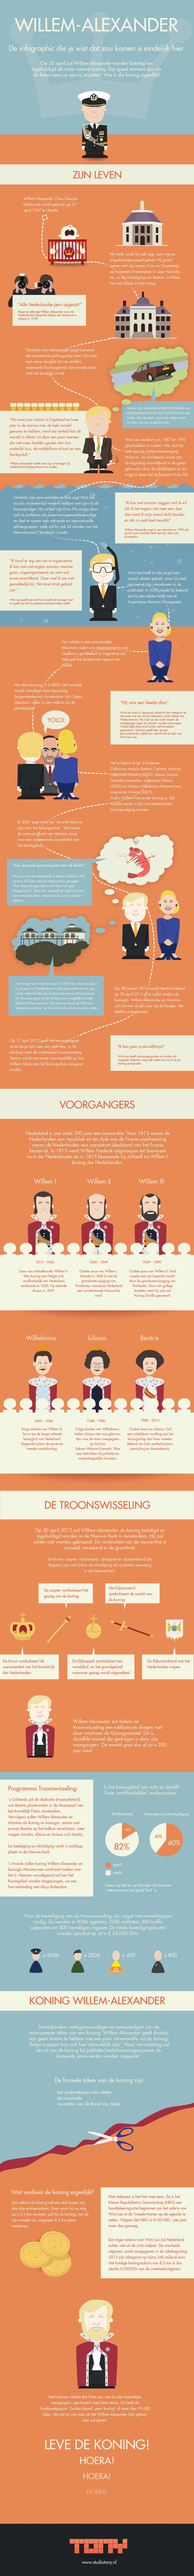 infographic-willem-alexander-koningsdag-2013